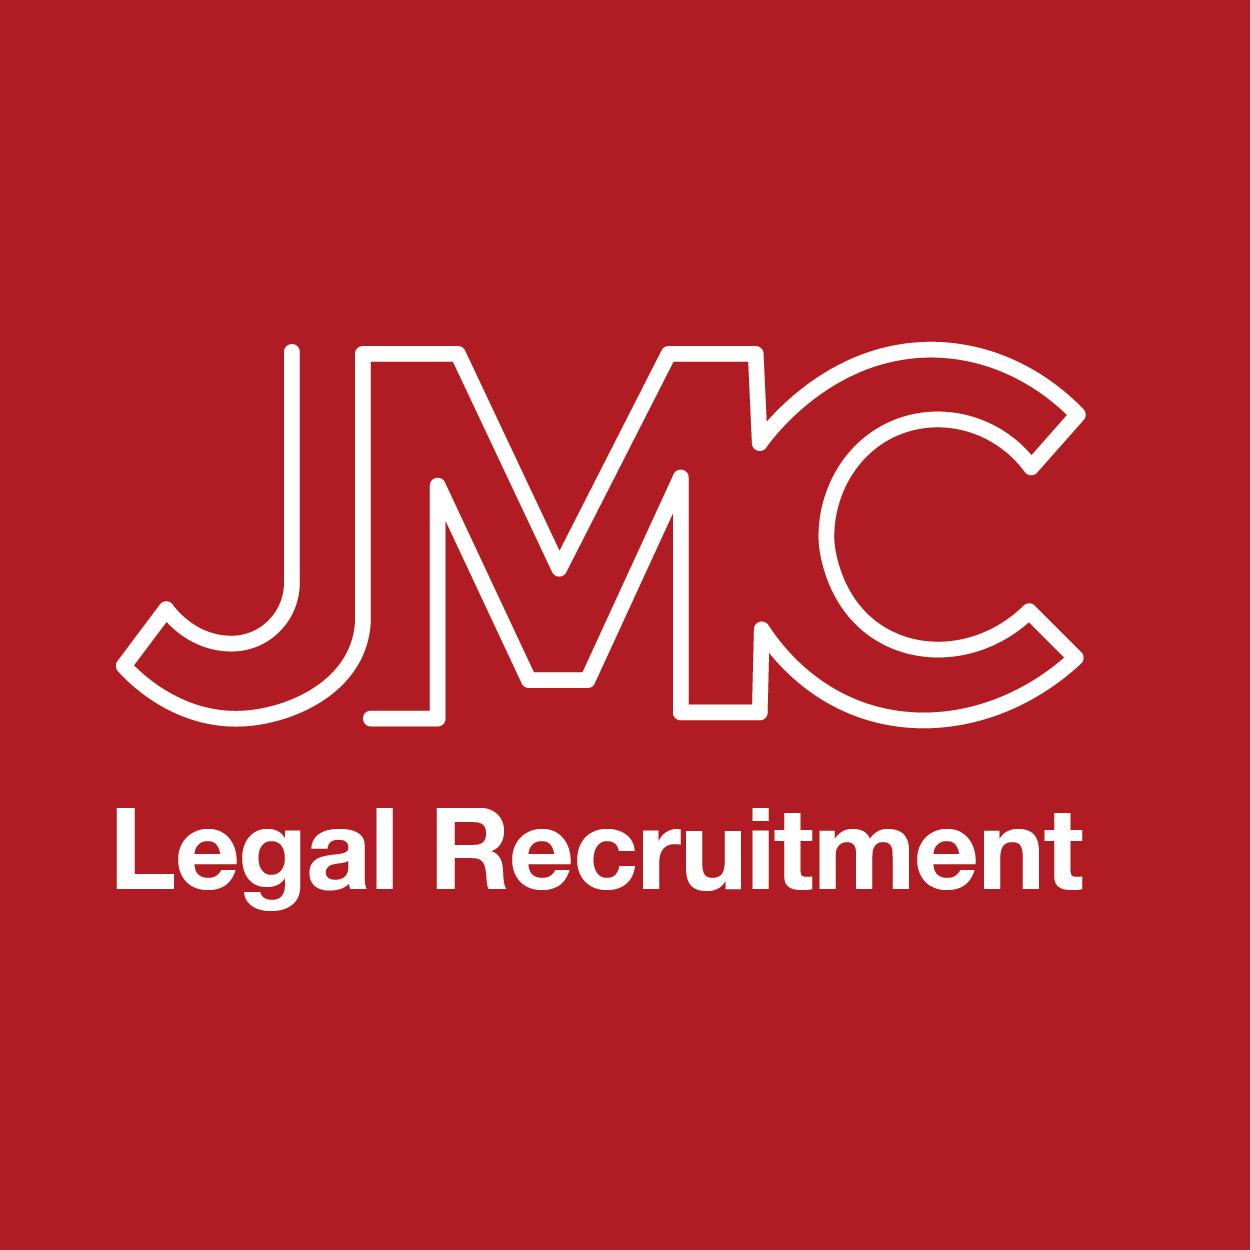 JMC Legal Recuitment